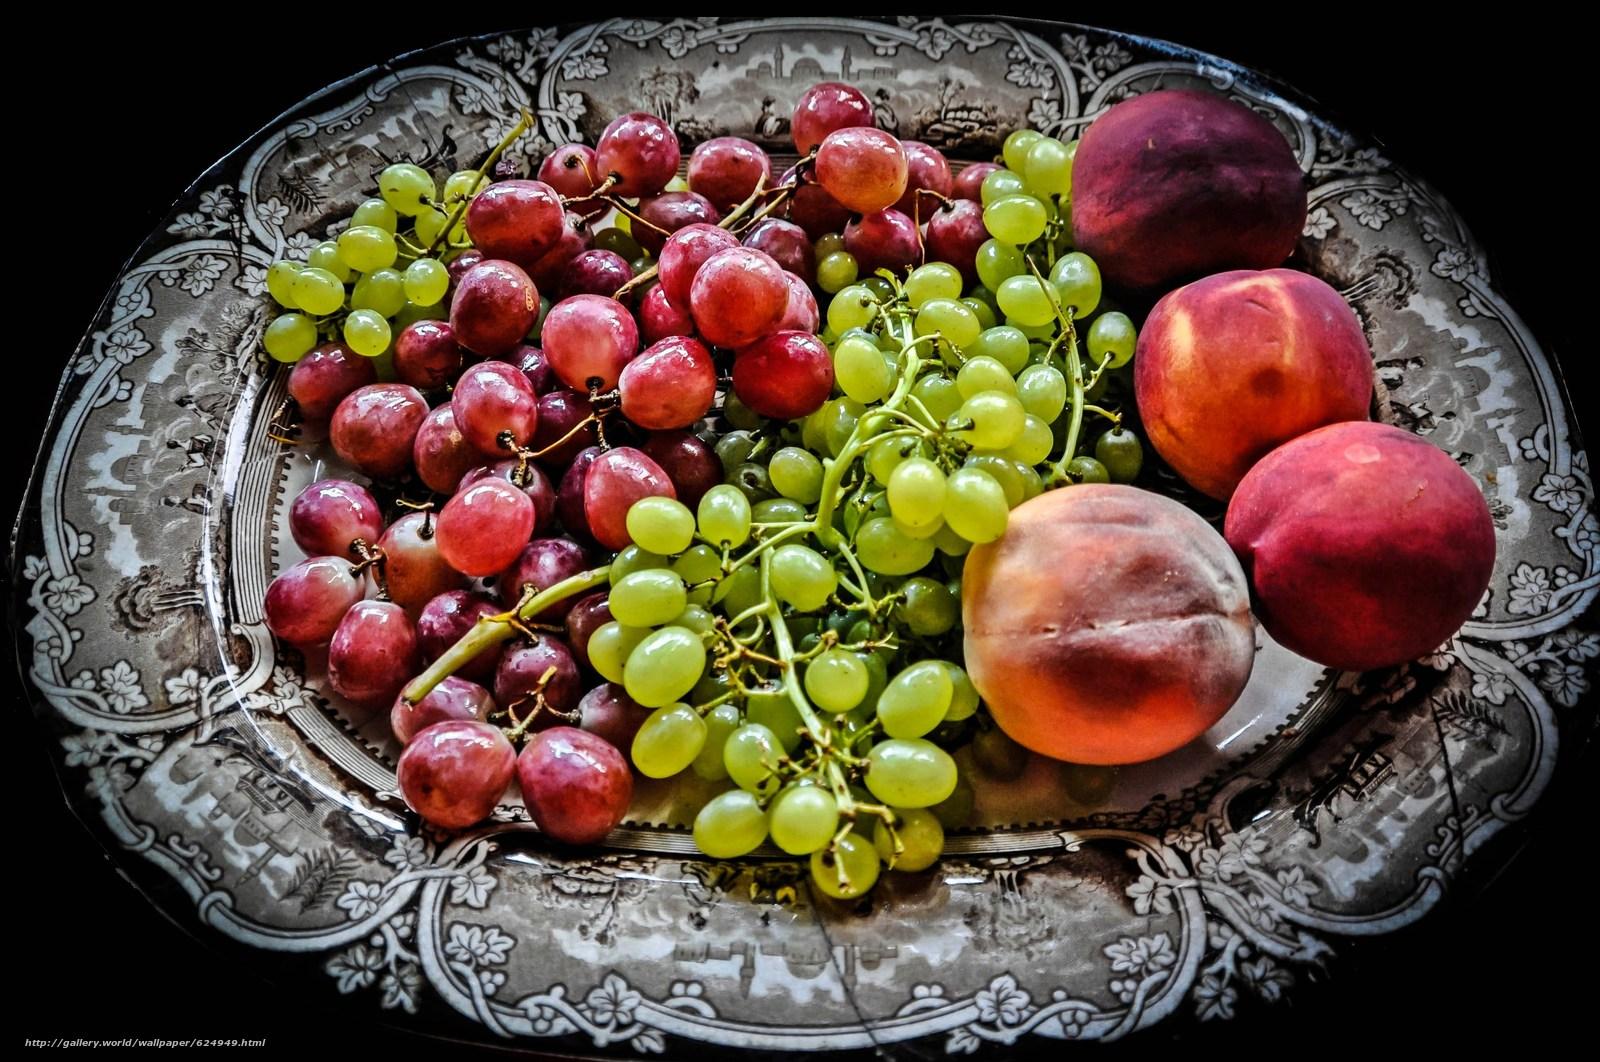 блюдо, виноград, персики, фрукты